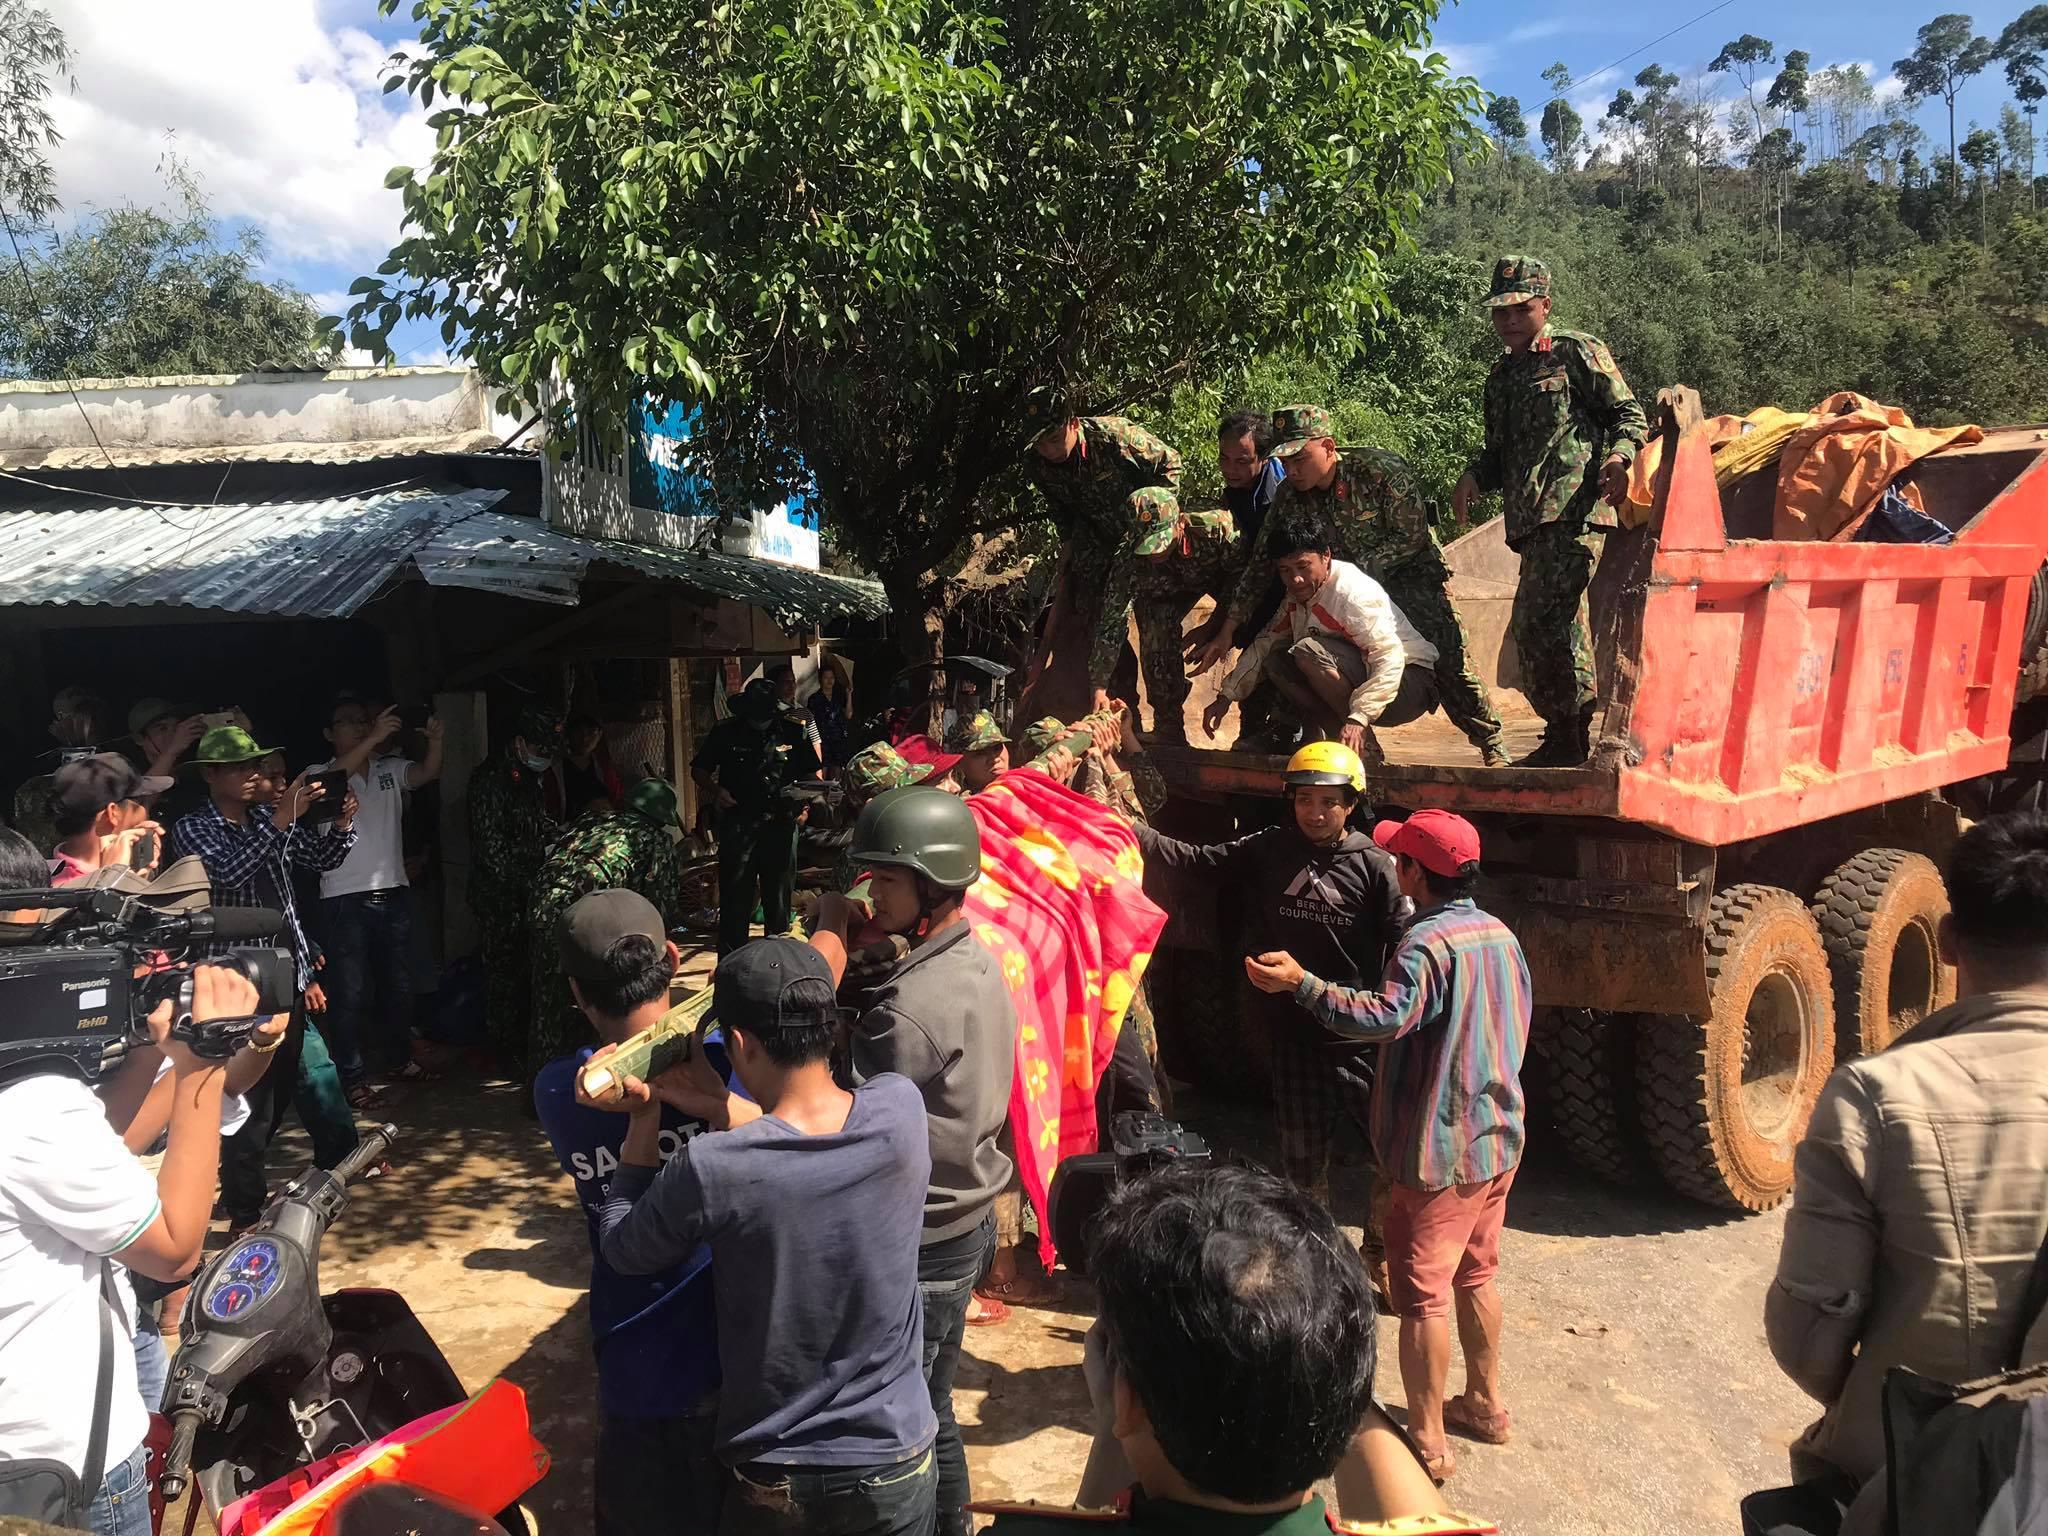 Ảnh cập nhật nóng từ hiện trường ở Trà Leng: 33 nạn nhân được đưa ra Quốc lộ bằng võng để cứu hộ y tế - Ảnh 1.